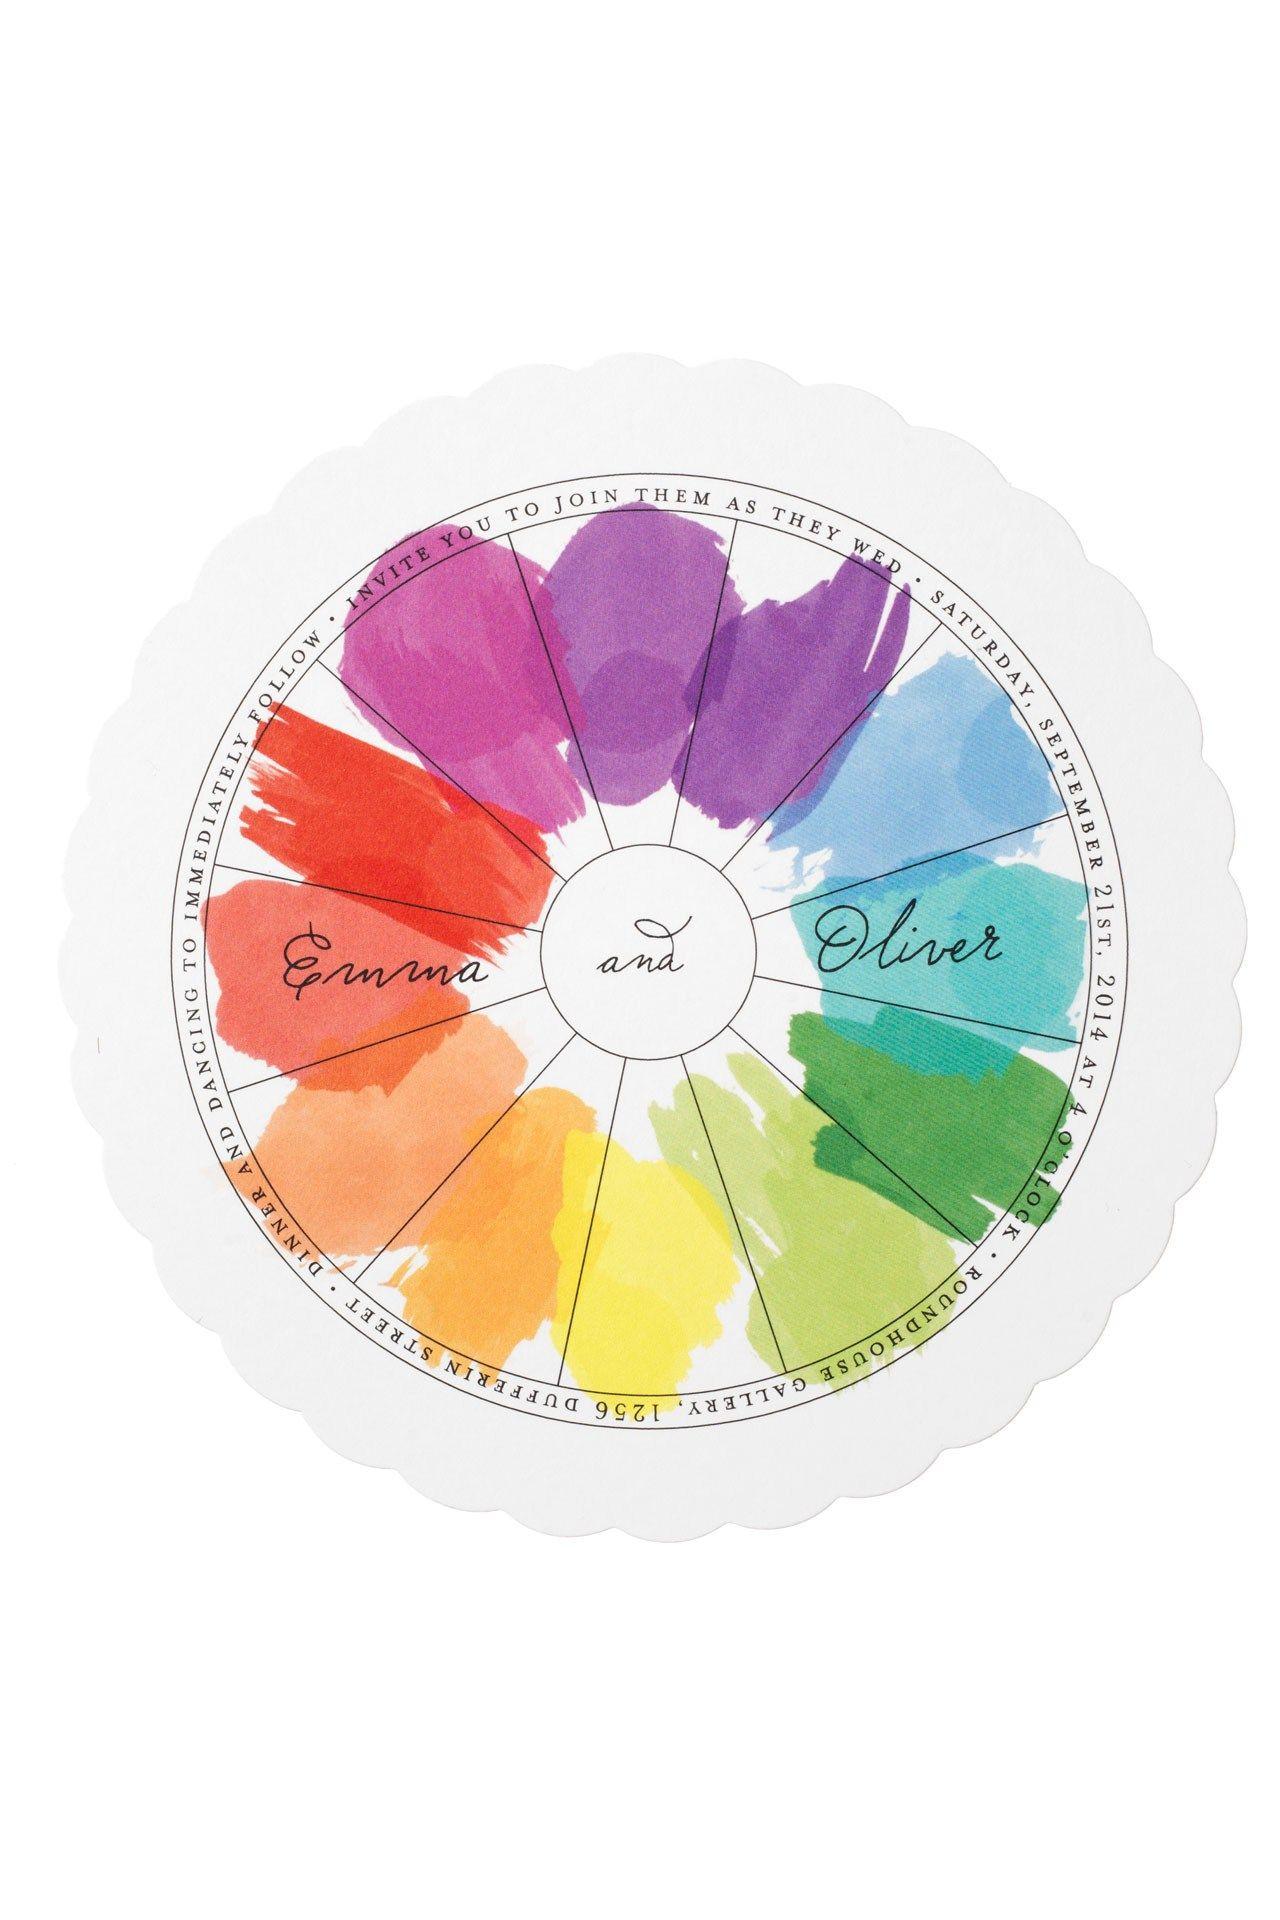 Rainbow-Themed Wedding Ideas (BridesMagazine.co.uk) (BridesMagazine ...